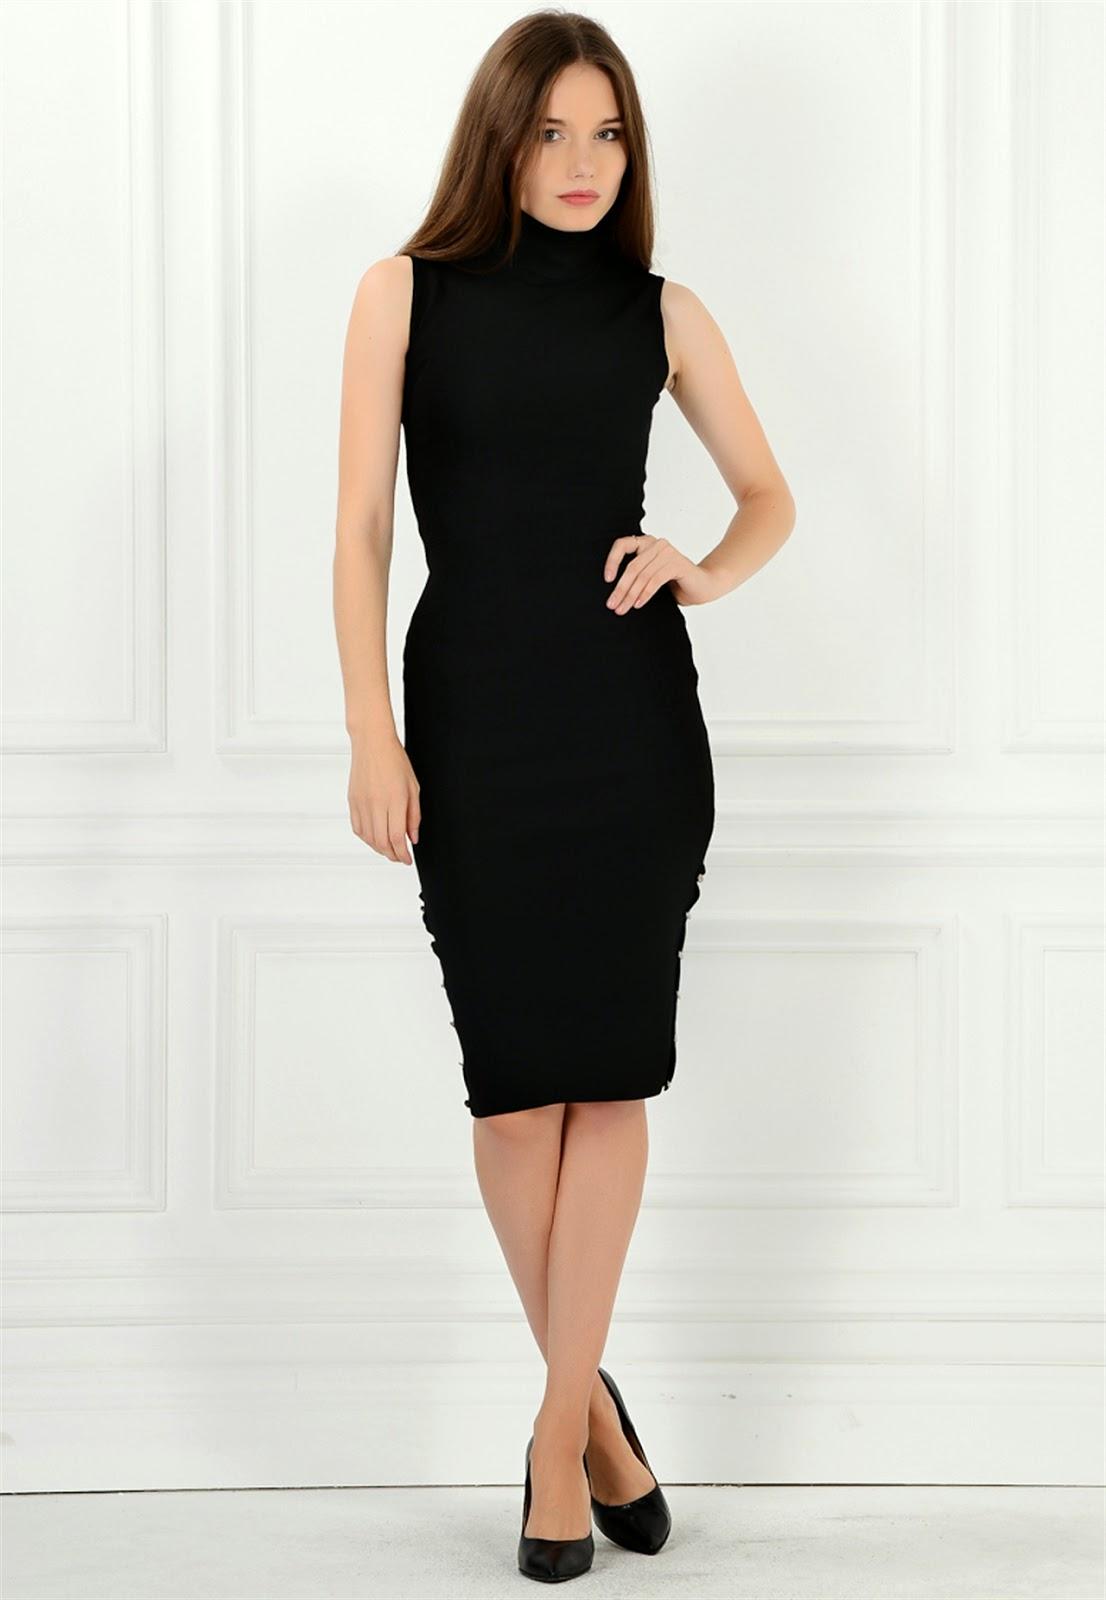 kolsuz elbise, siyah elbise, dar kesim elbise, klasik elbise, boğazlı elbise, 2015 elbise modelleri, adil ışık elbise